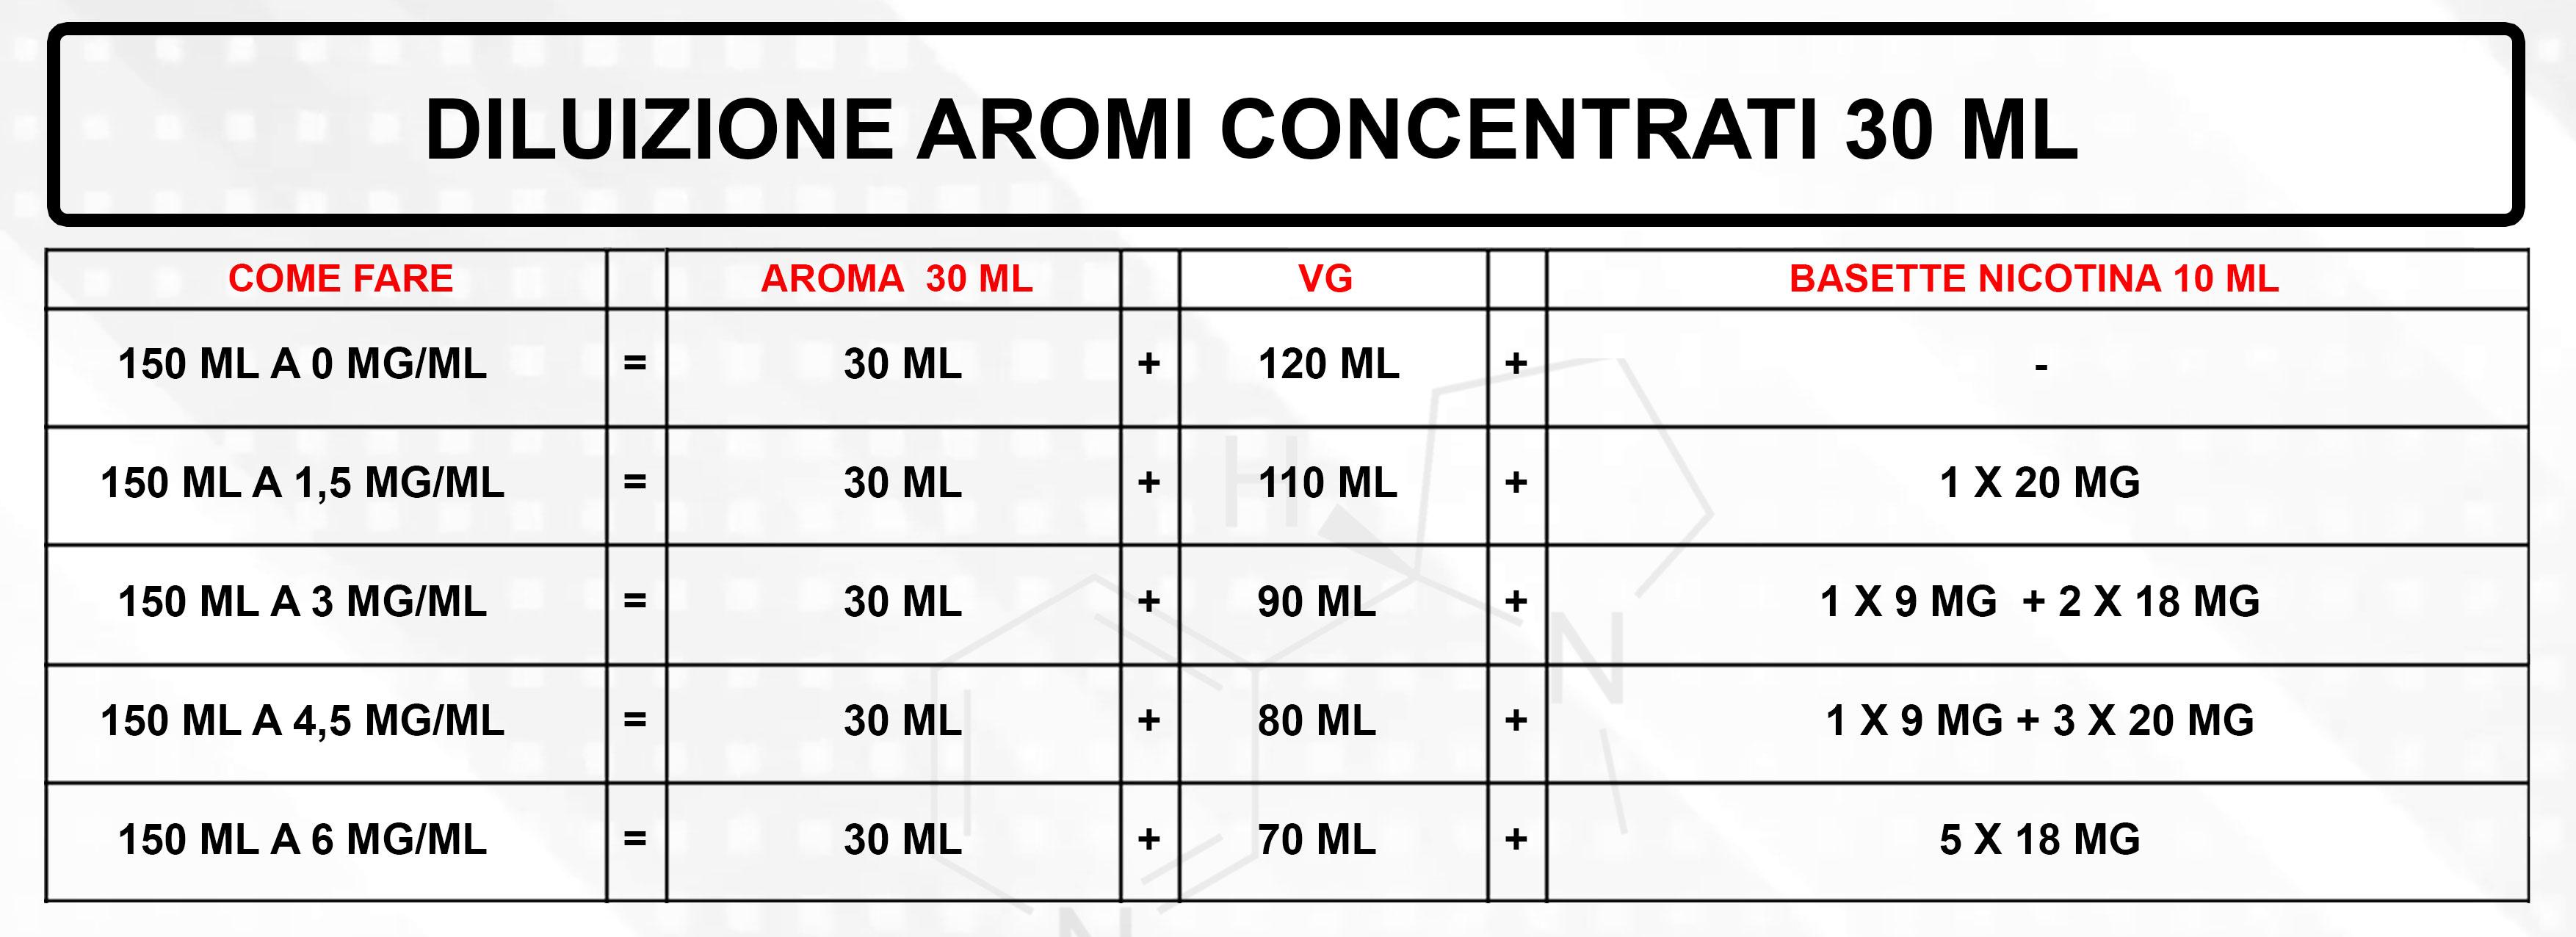 Tabella Diluzione Aromi 30 ml